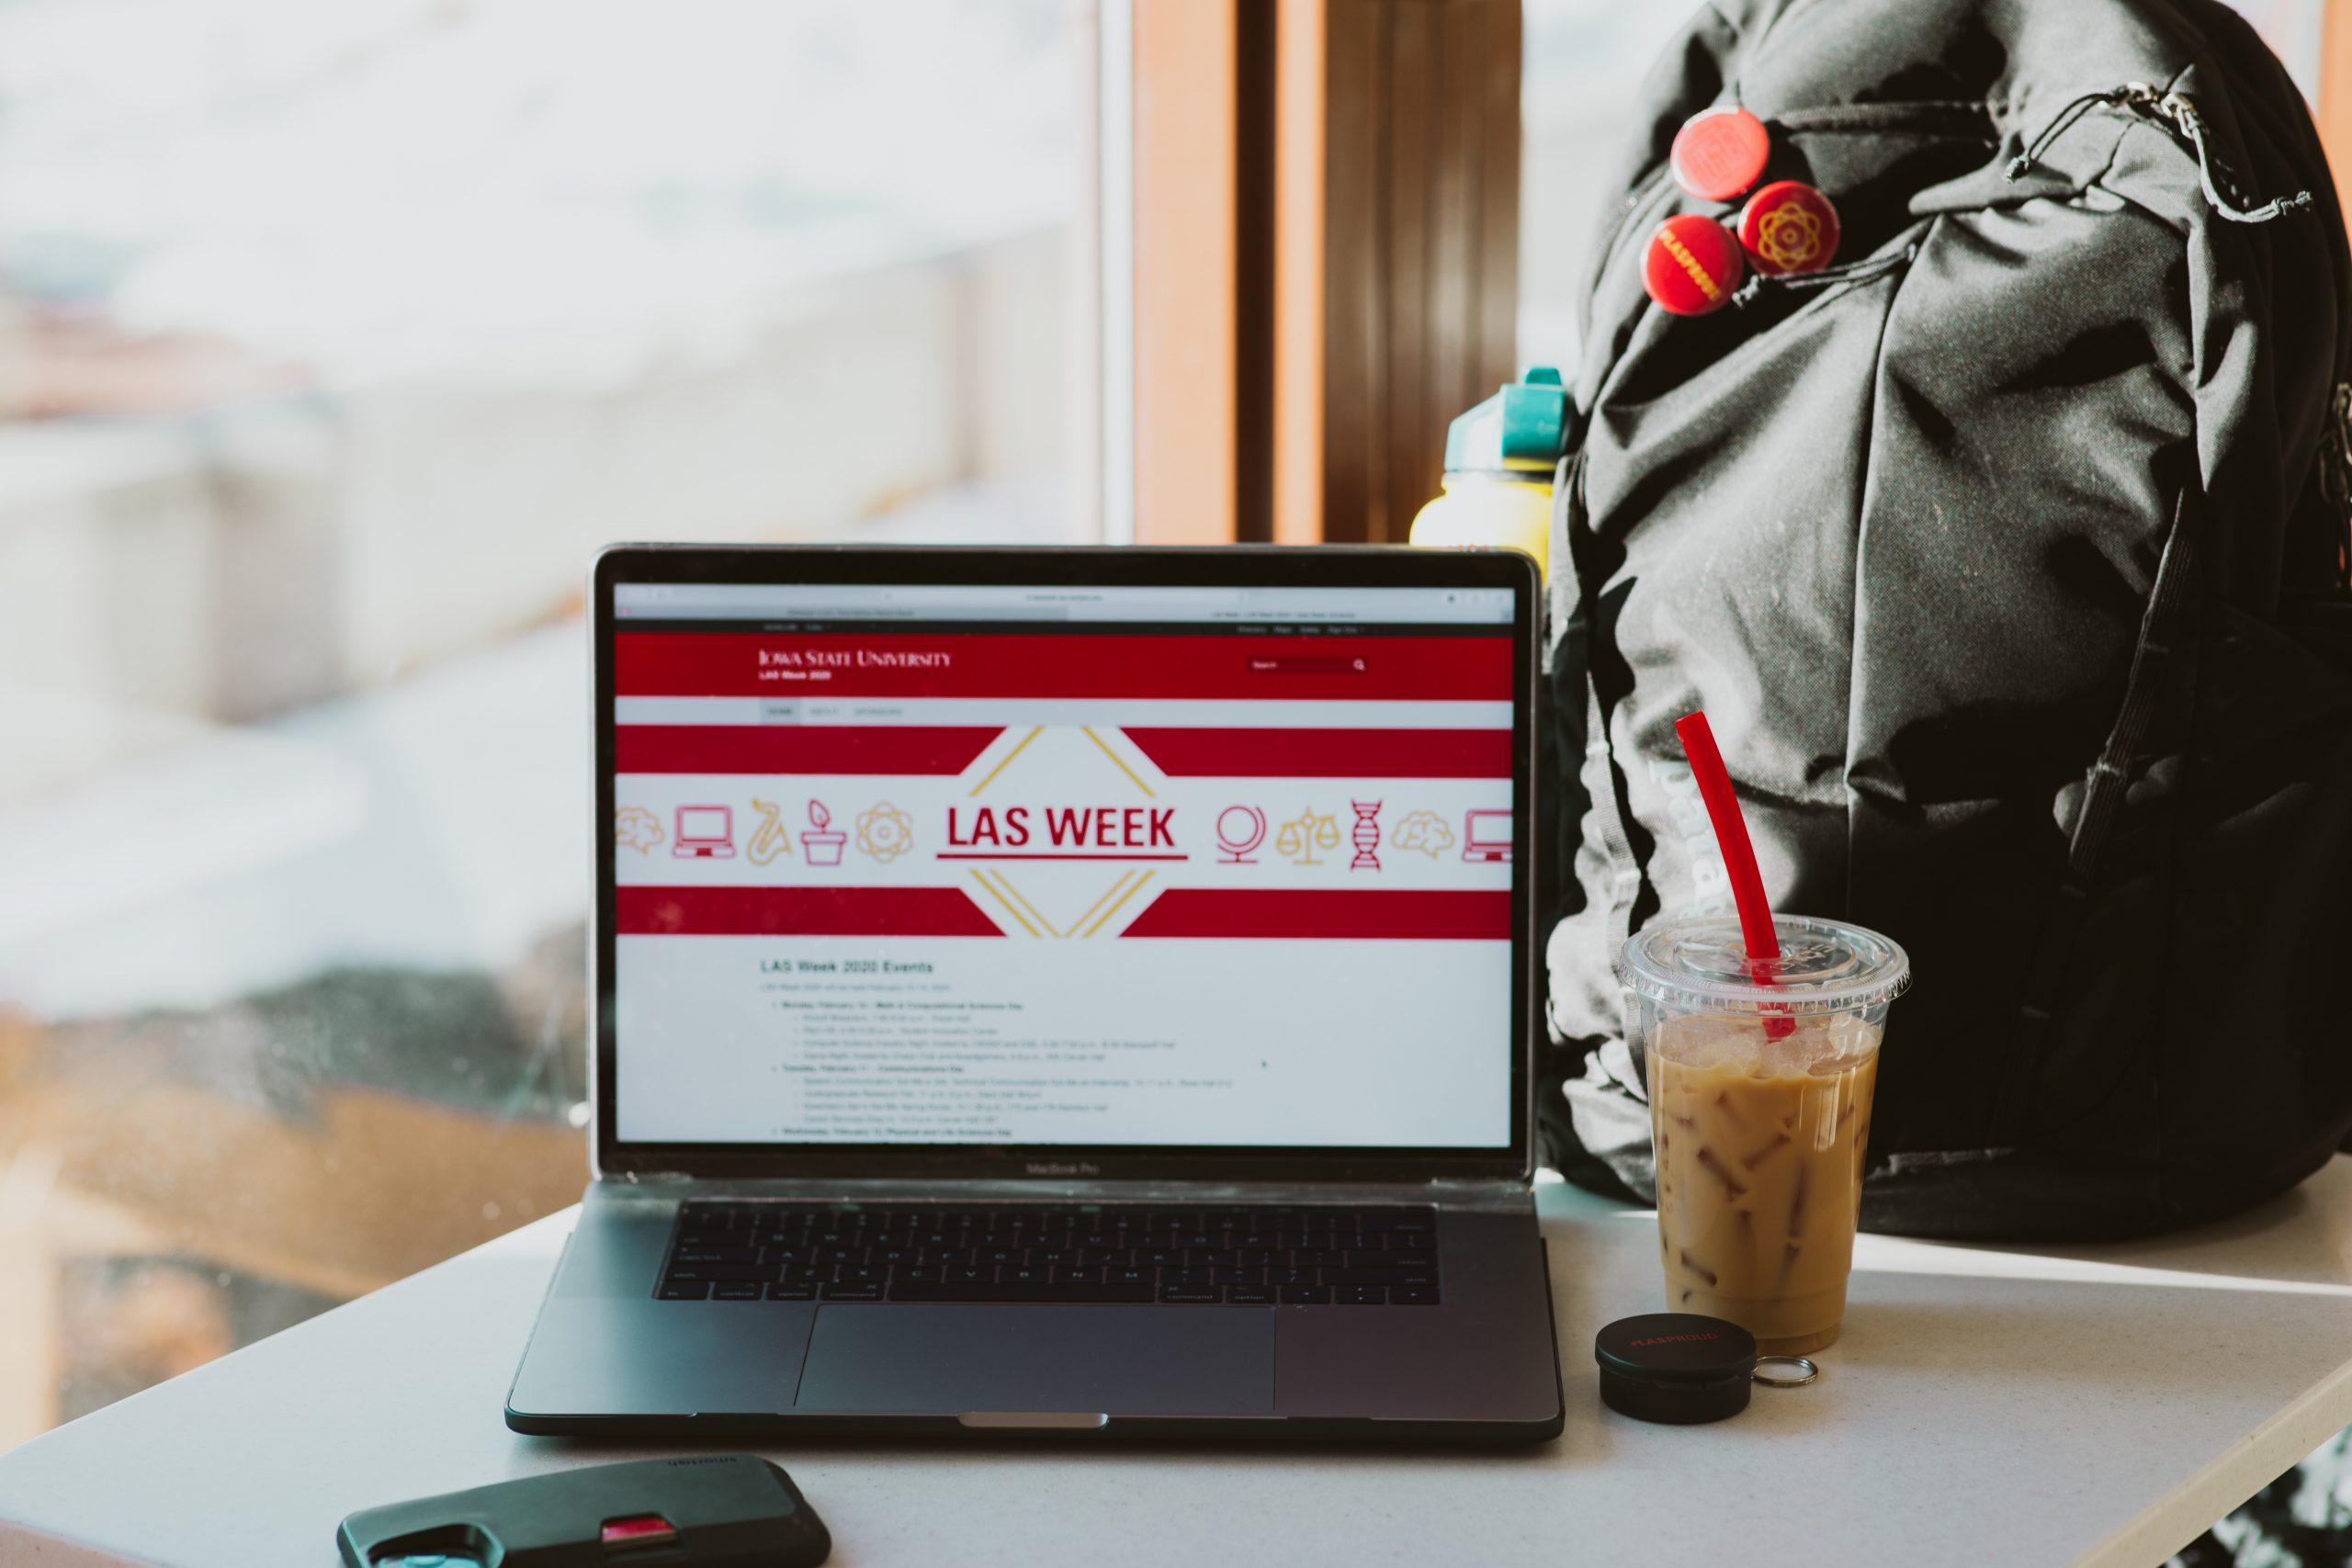 laptop with LAS Week displayed on screen